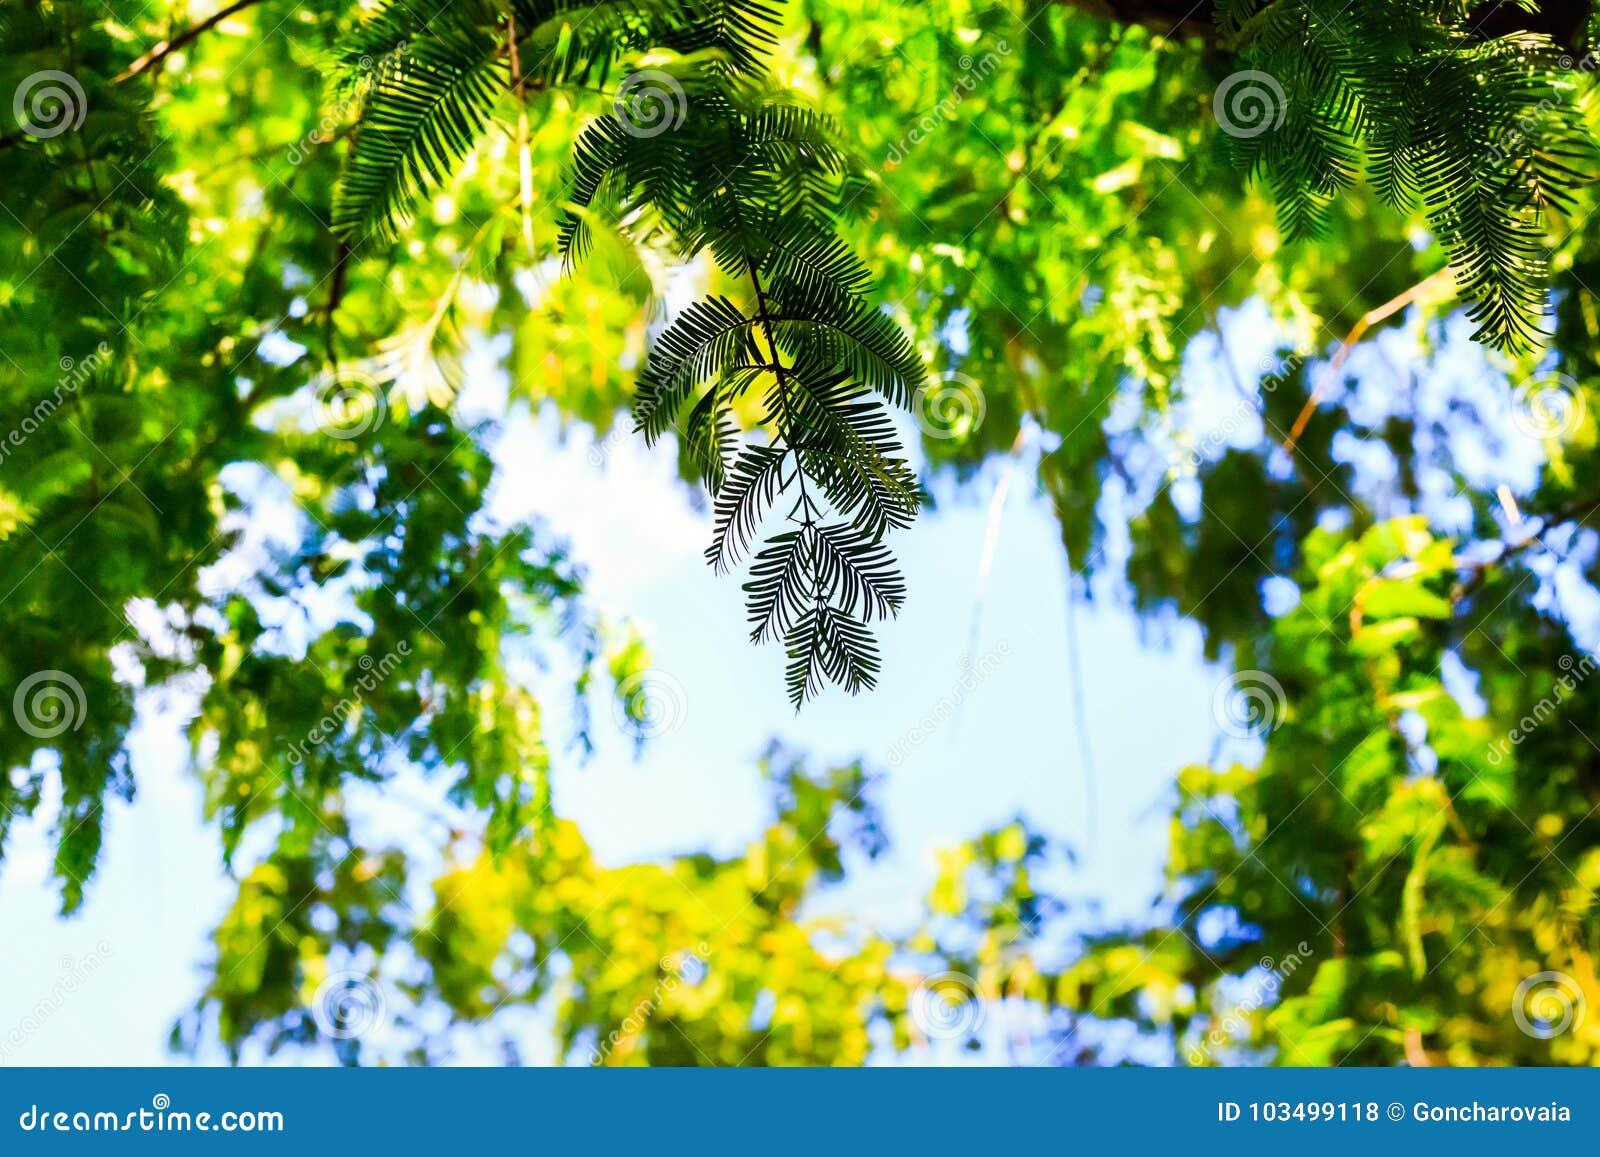 Silhouette тропические заводы на голубом небе, зеленые листья папоротника в тропиках Лето и праздник концепции леса естественной